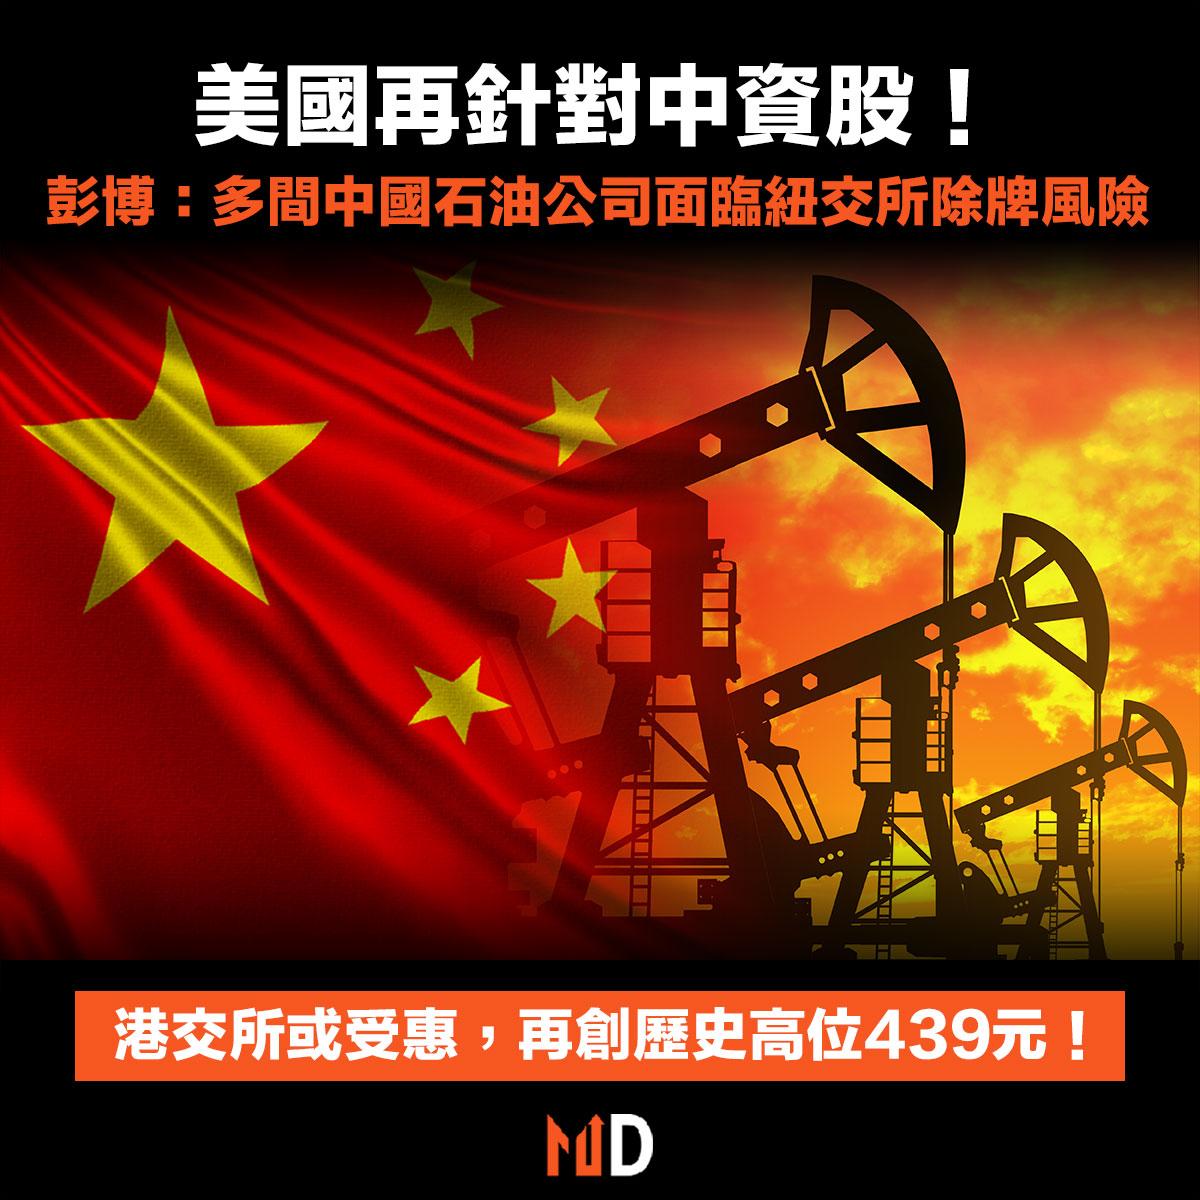 彭博:多間中國石油公司面臨紐交所除牌風險